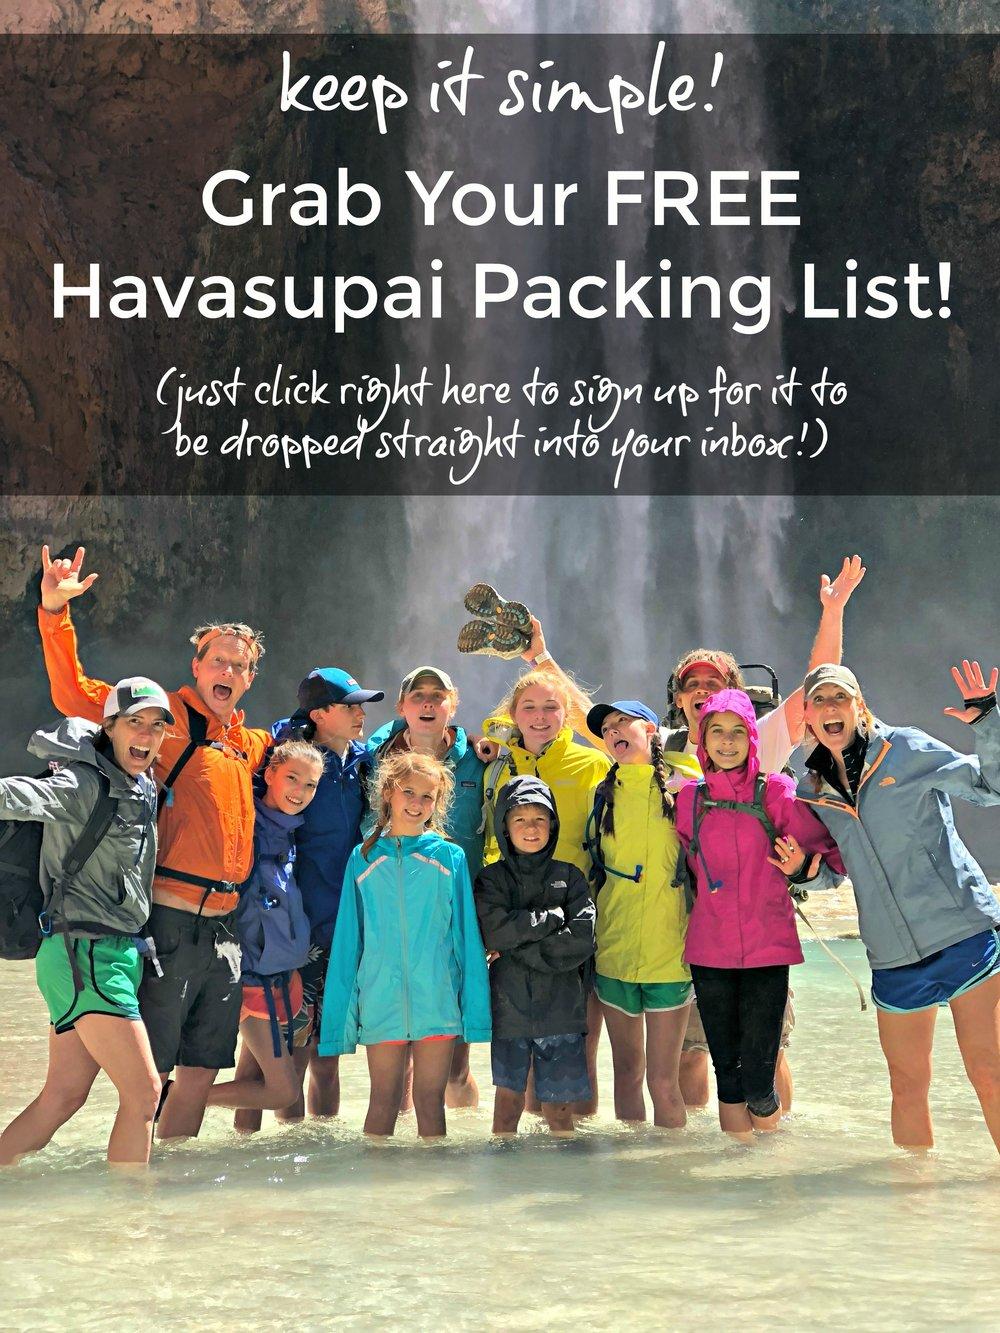 havasupai-free-packing-list